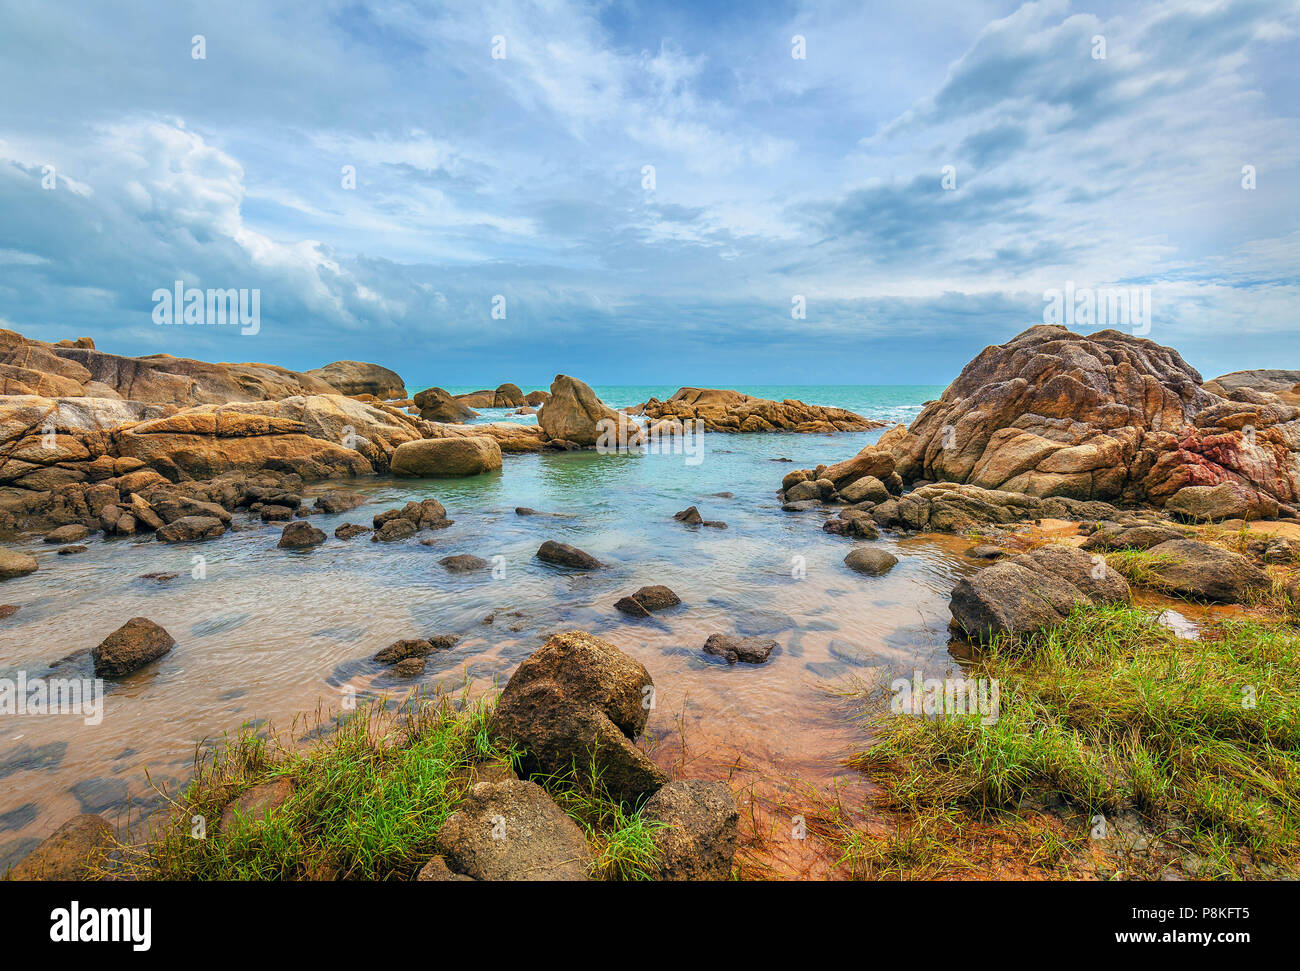 Tôt le matin sur l'île de Koh Samui en Thaïlande. Photo Stock